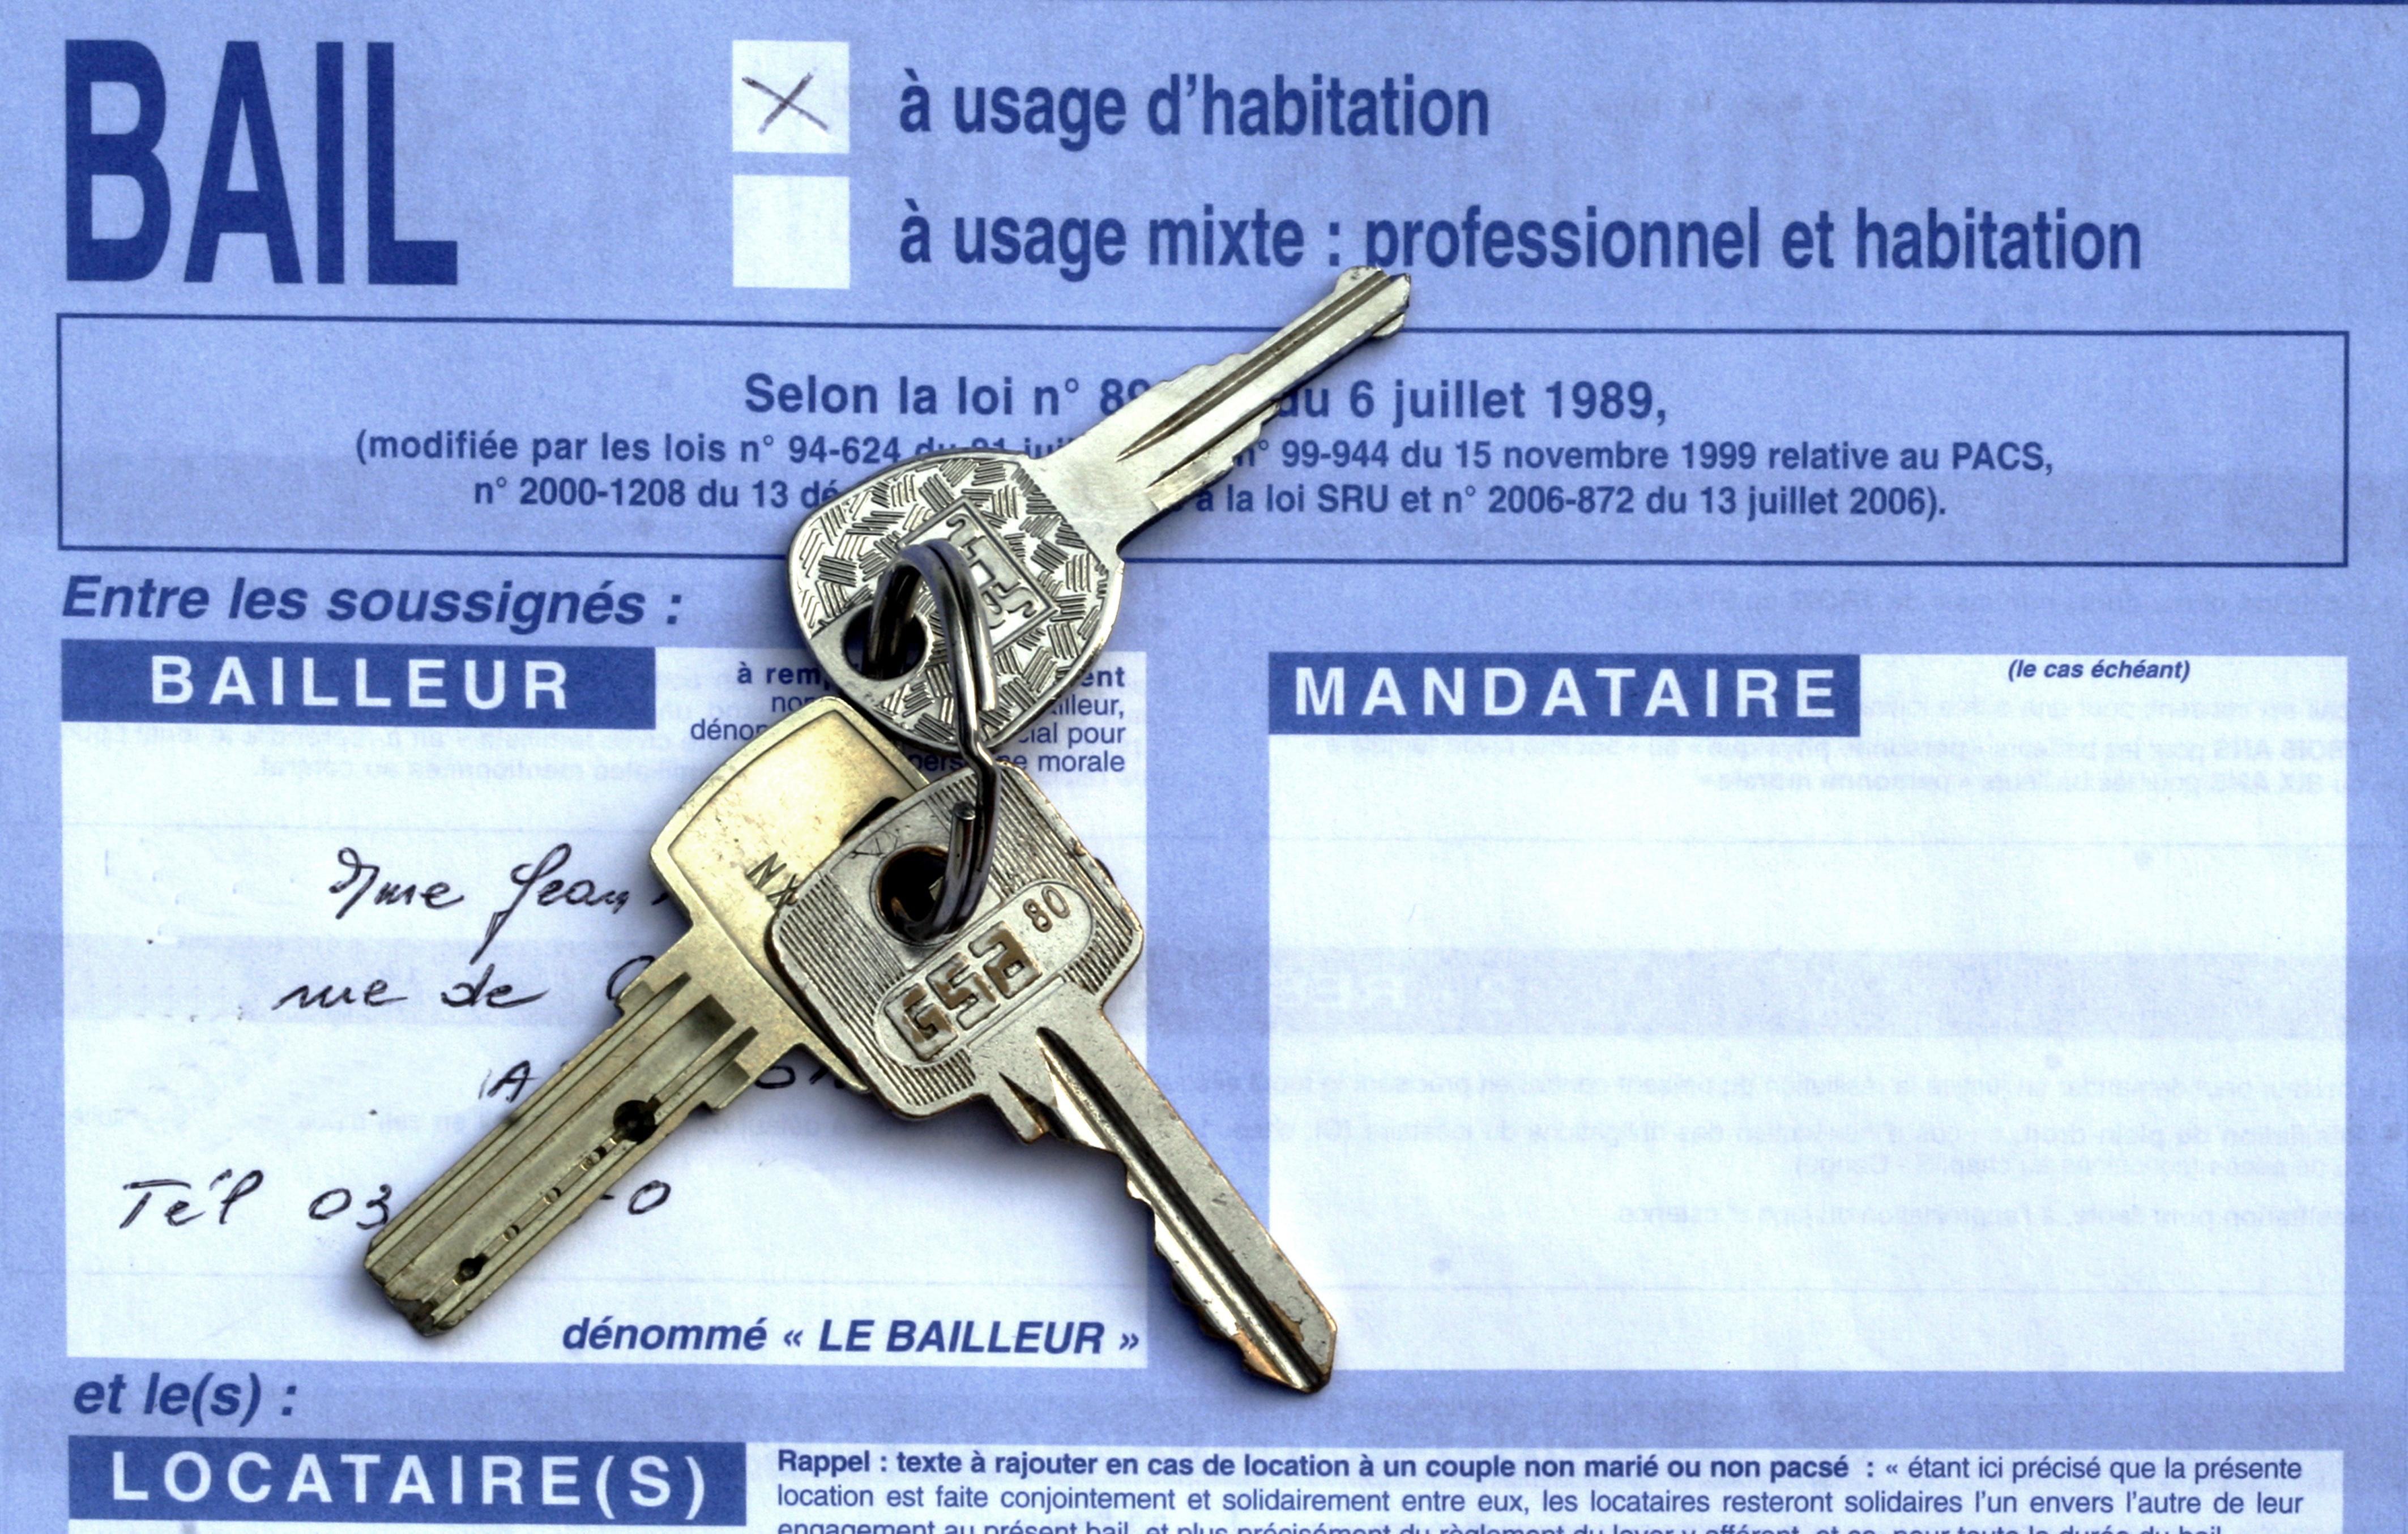 Les jours des propriétaires aux loyers abusifs sont comptés